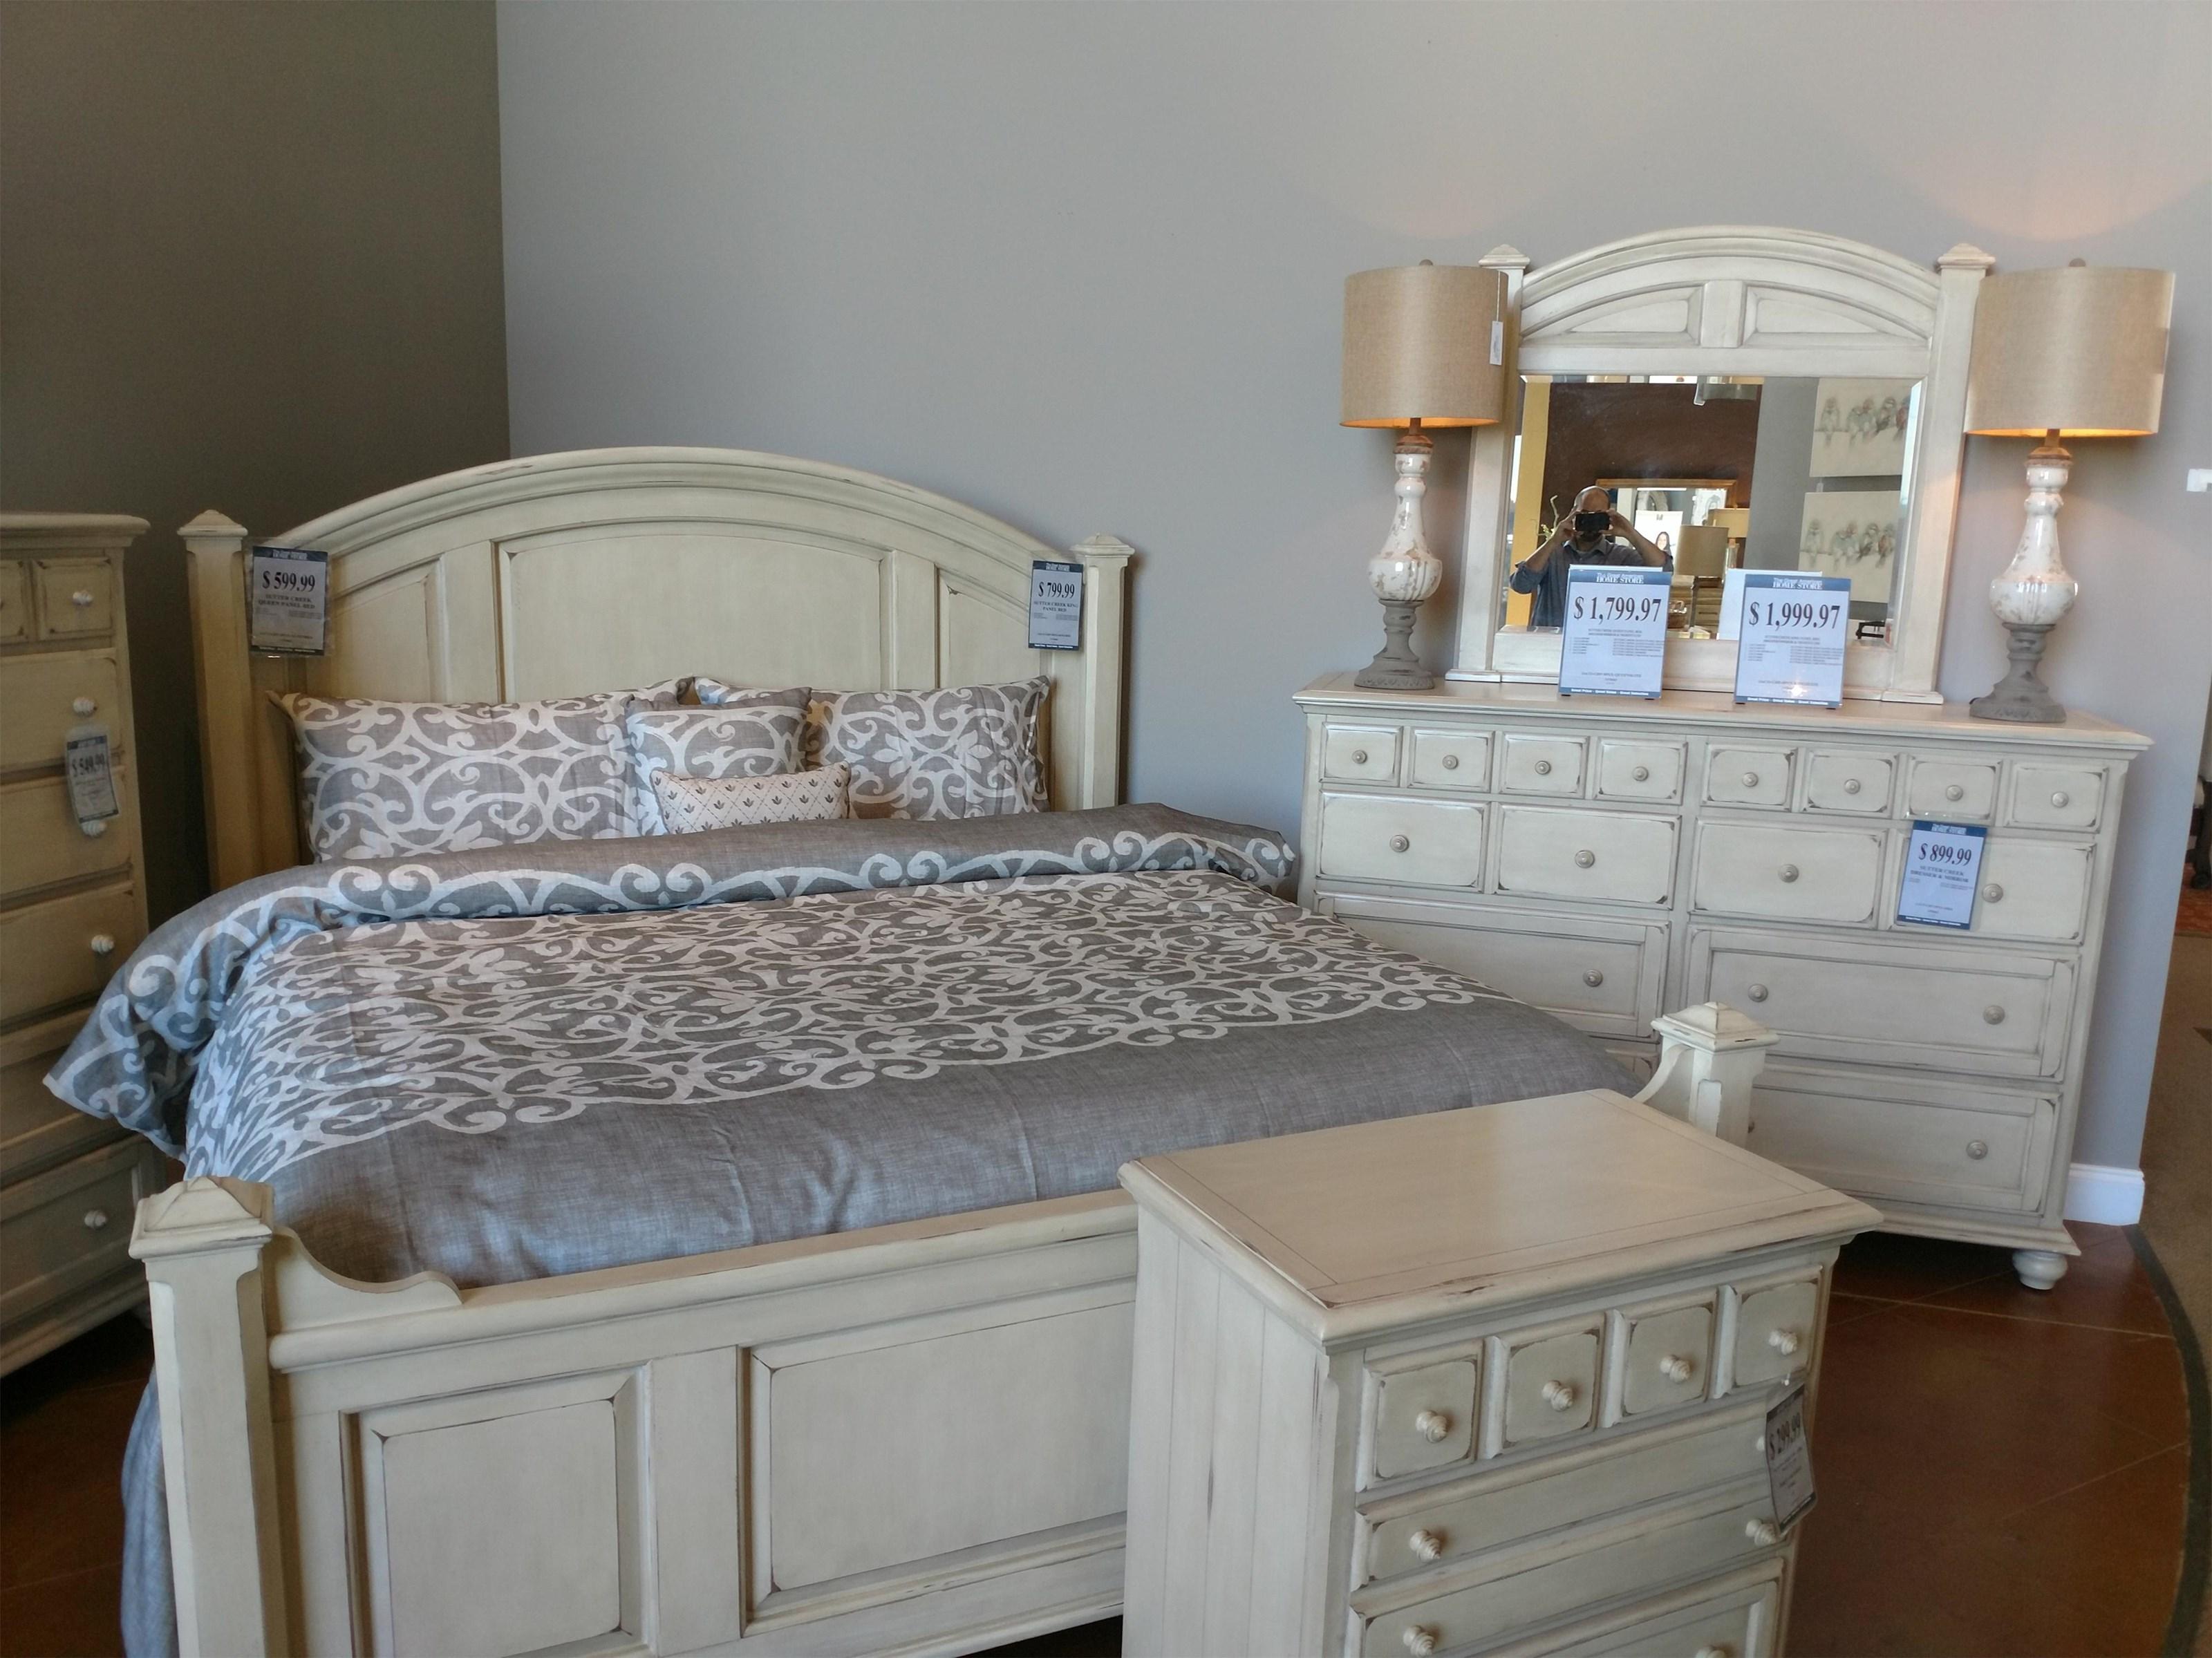 Jacob Edwards Designs Sutter Creek Queen Bedroom Group - Item Number: GRP-89XX-QUEENSUITE